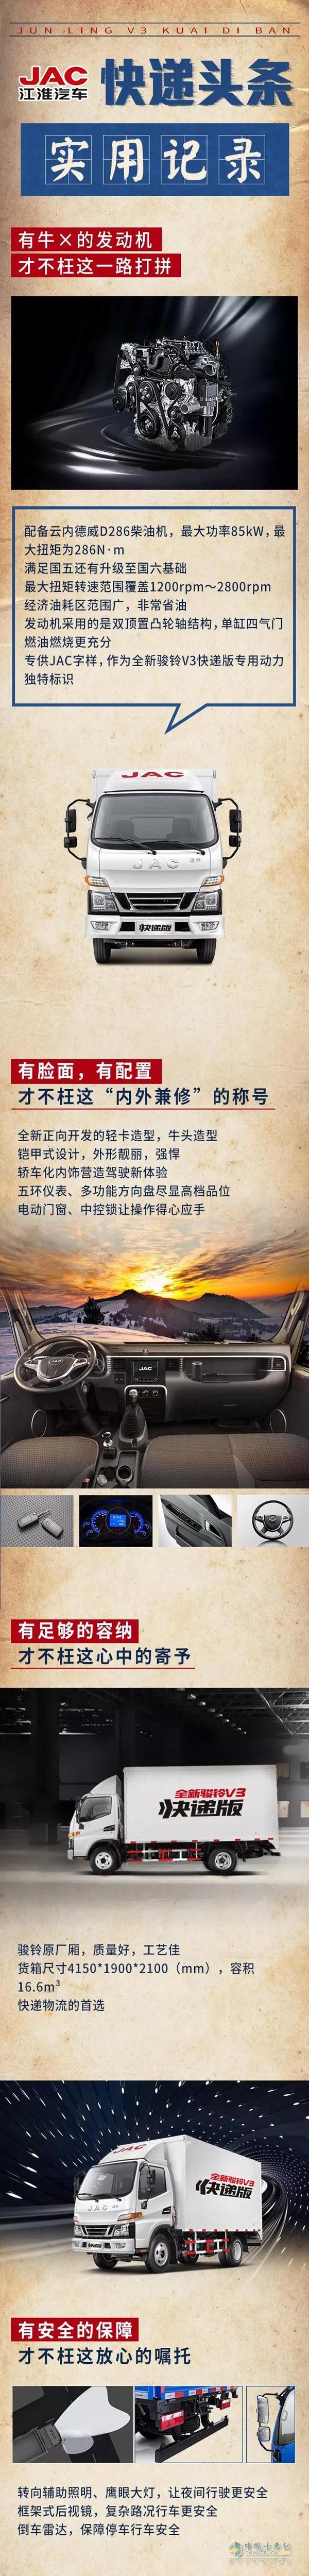 骏铃V3快递版车型